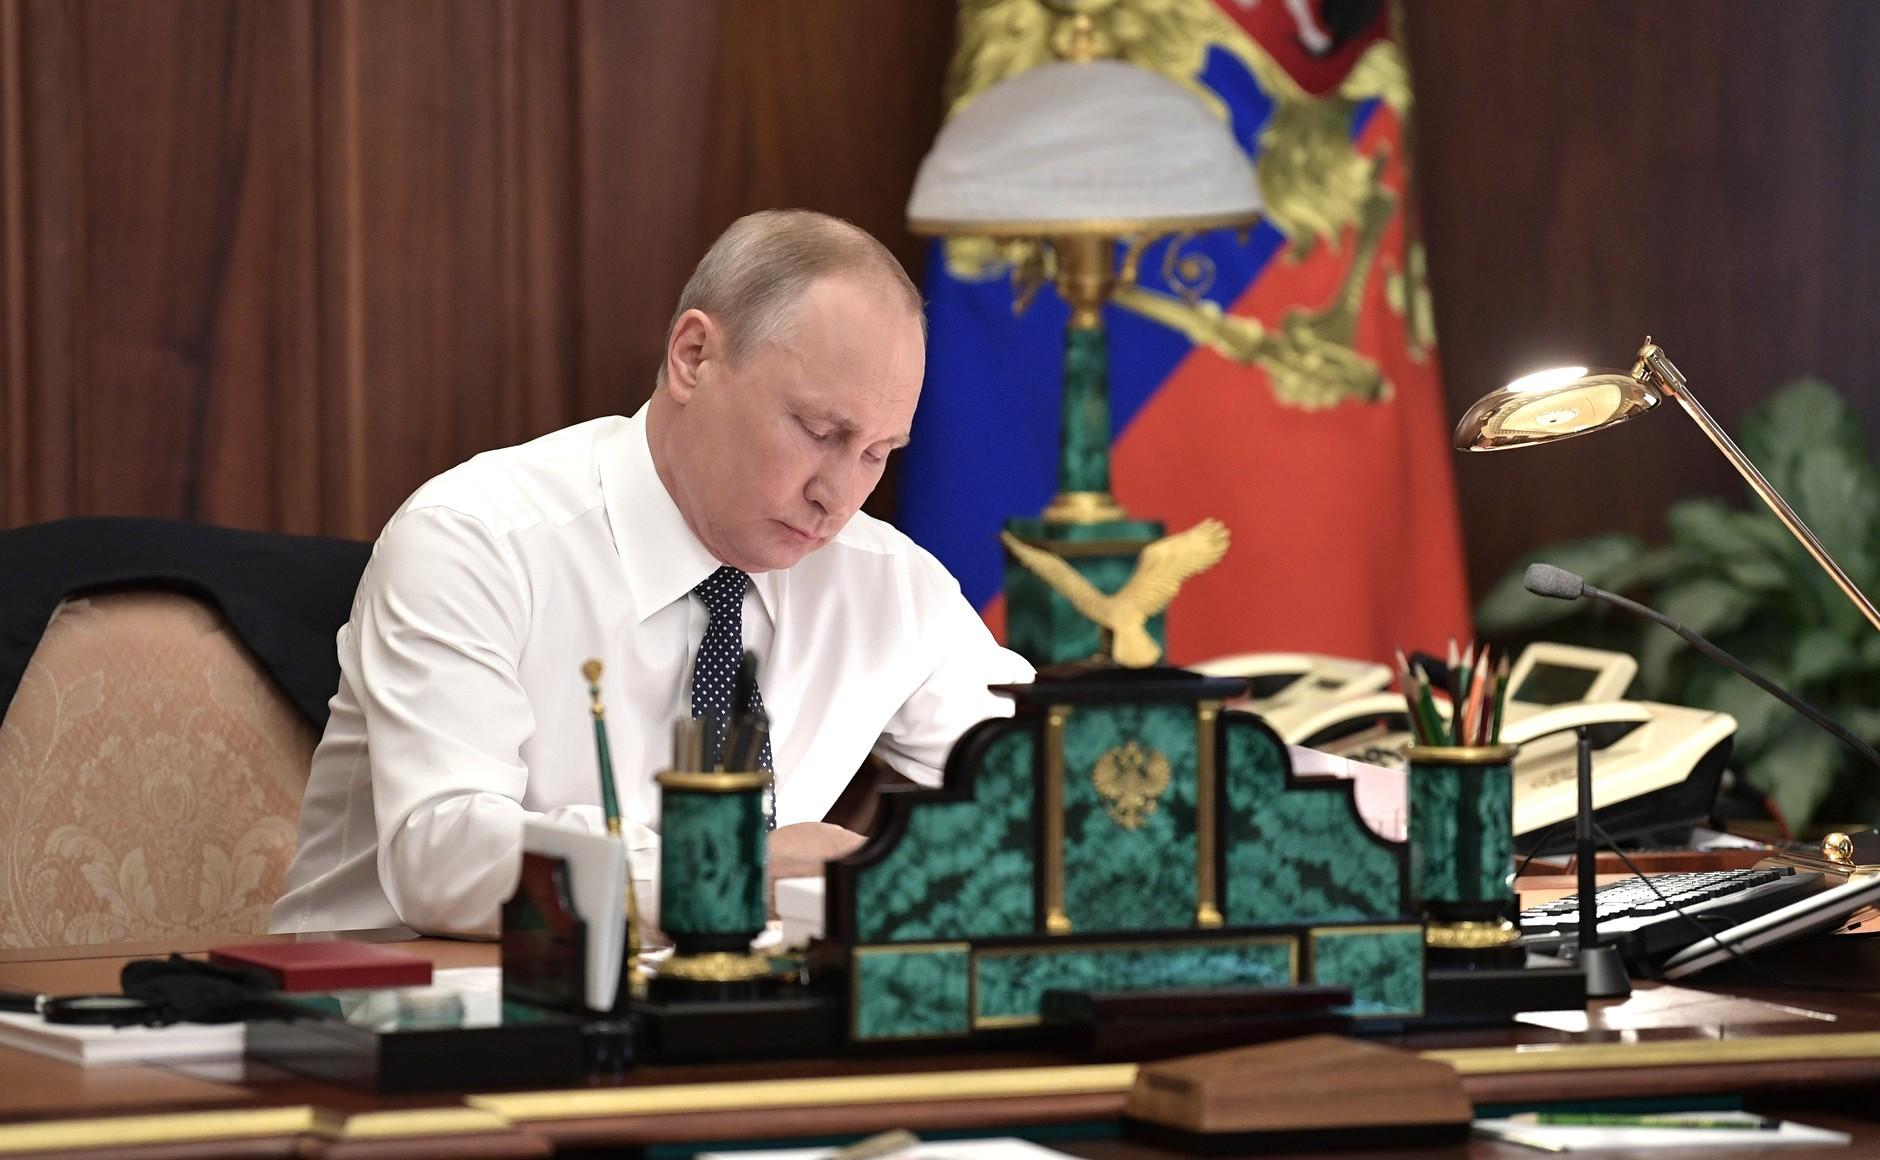 Владимир Путин вступил вдолжность президента Российской Федерации